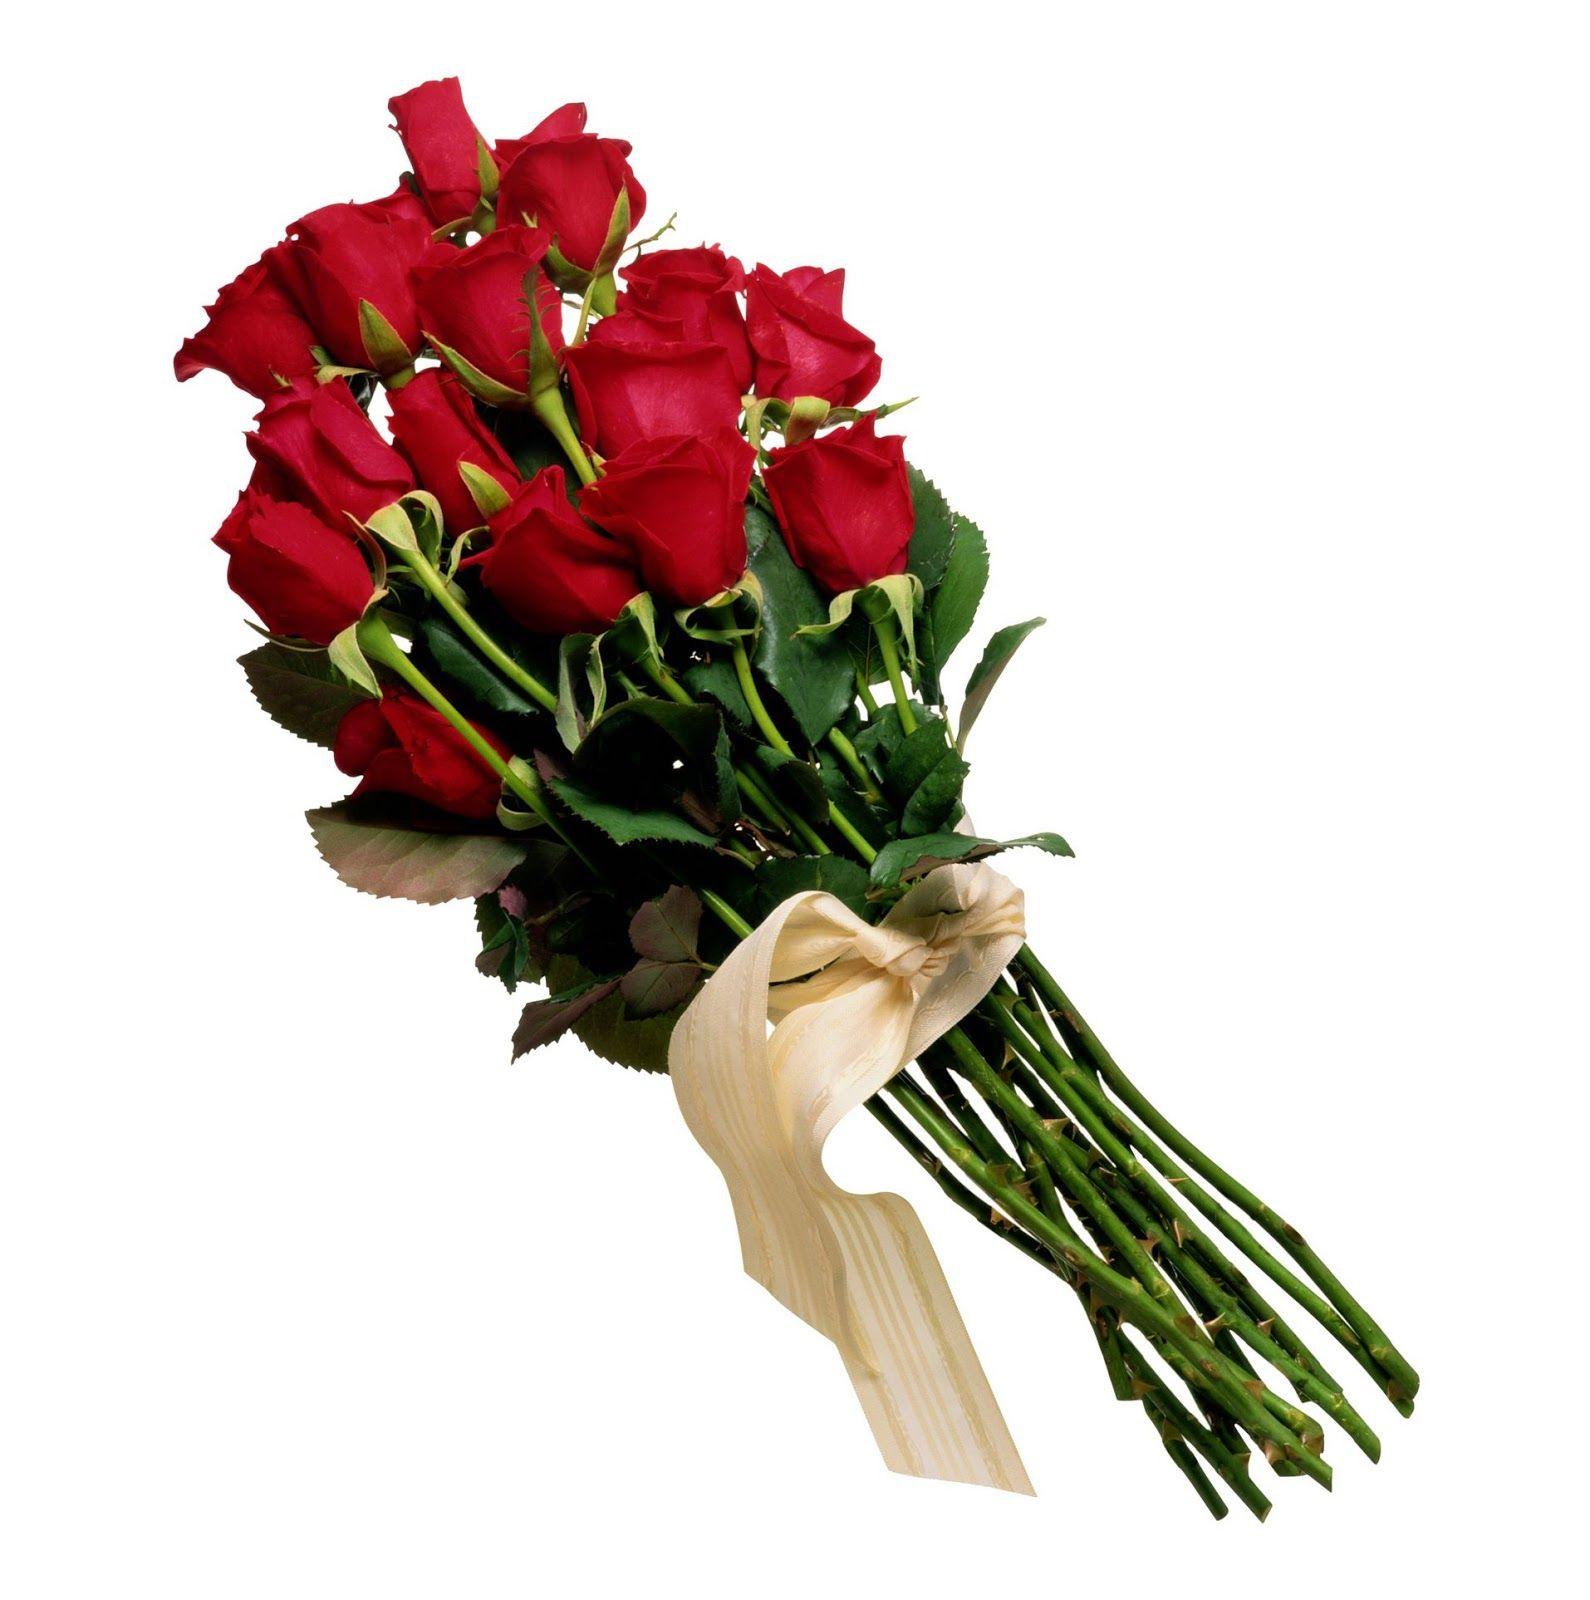 Servicio de ramos de flores para regalar a la pareja o - Ramos para regalar ...